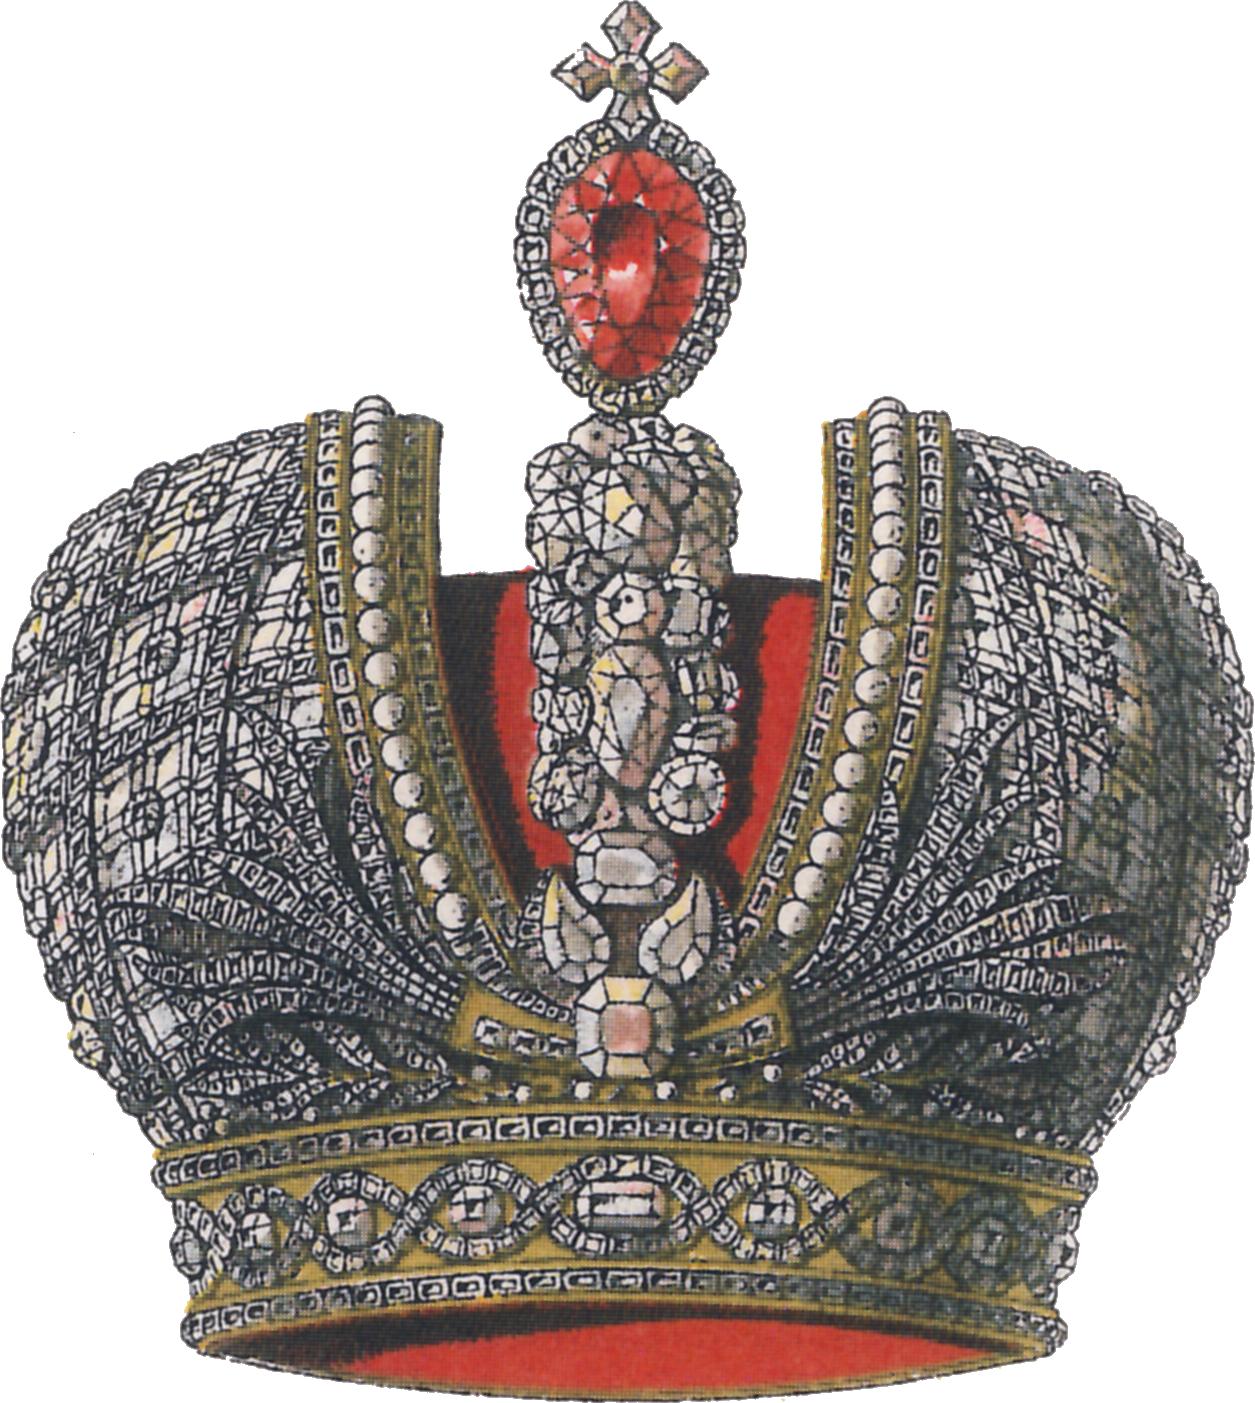 Hugo Gerard Ströhl: Heraldische Zeichnung der Zarenkrone des Russischen Reiches